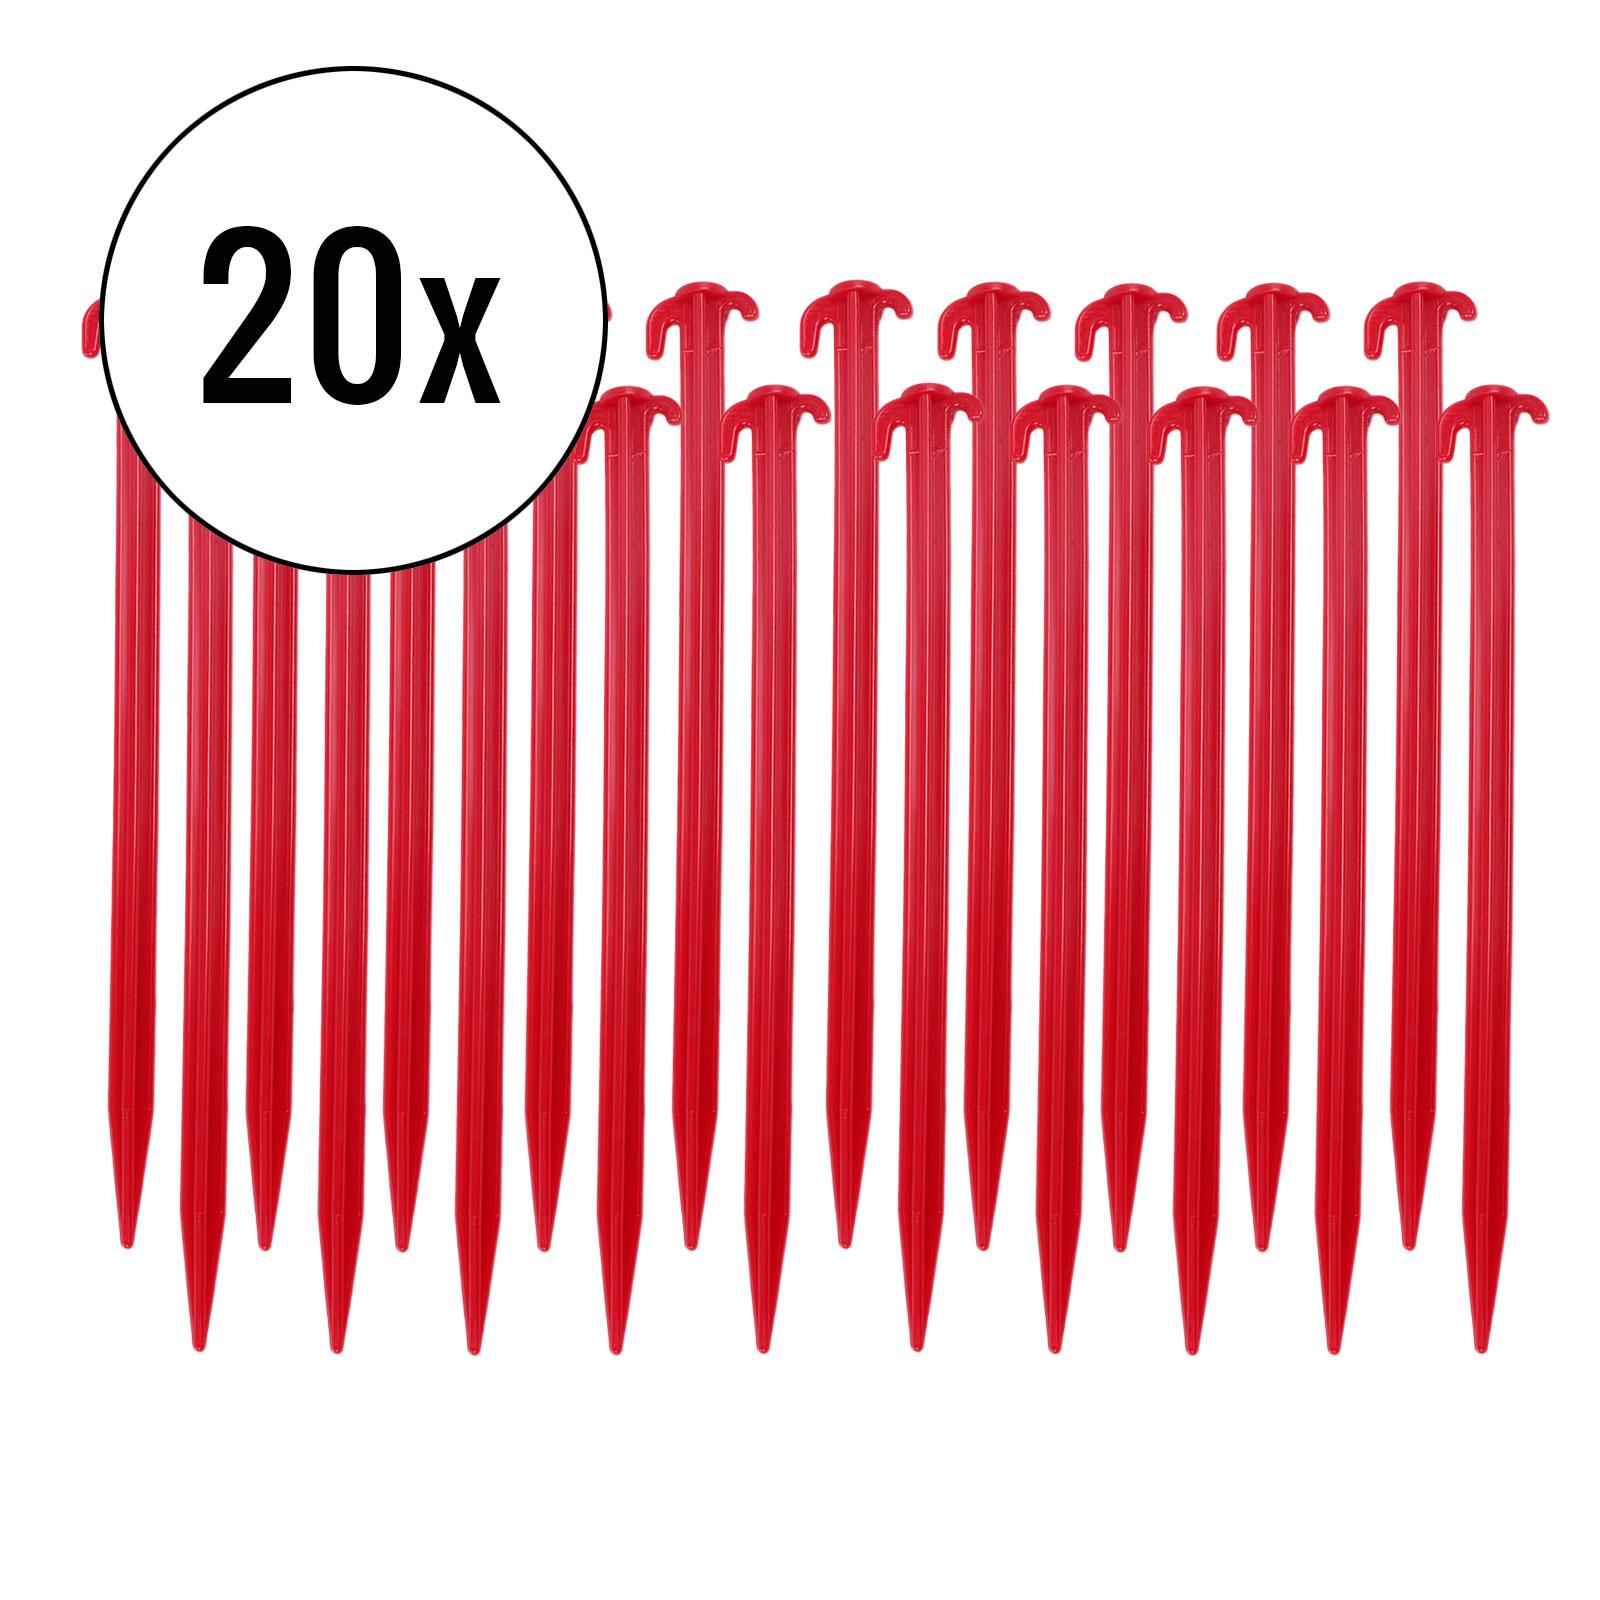 Zeltheringe 20er Set, rot, 30 cm, Kunststoff